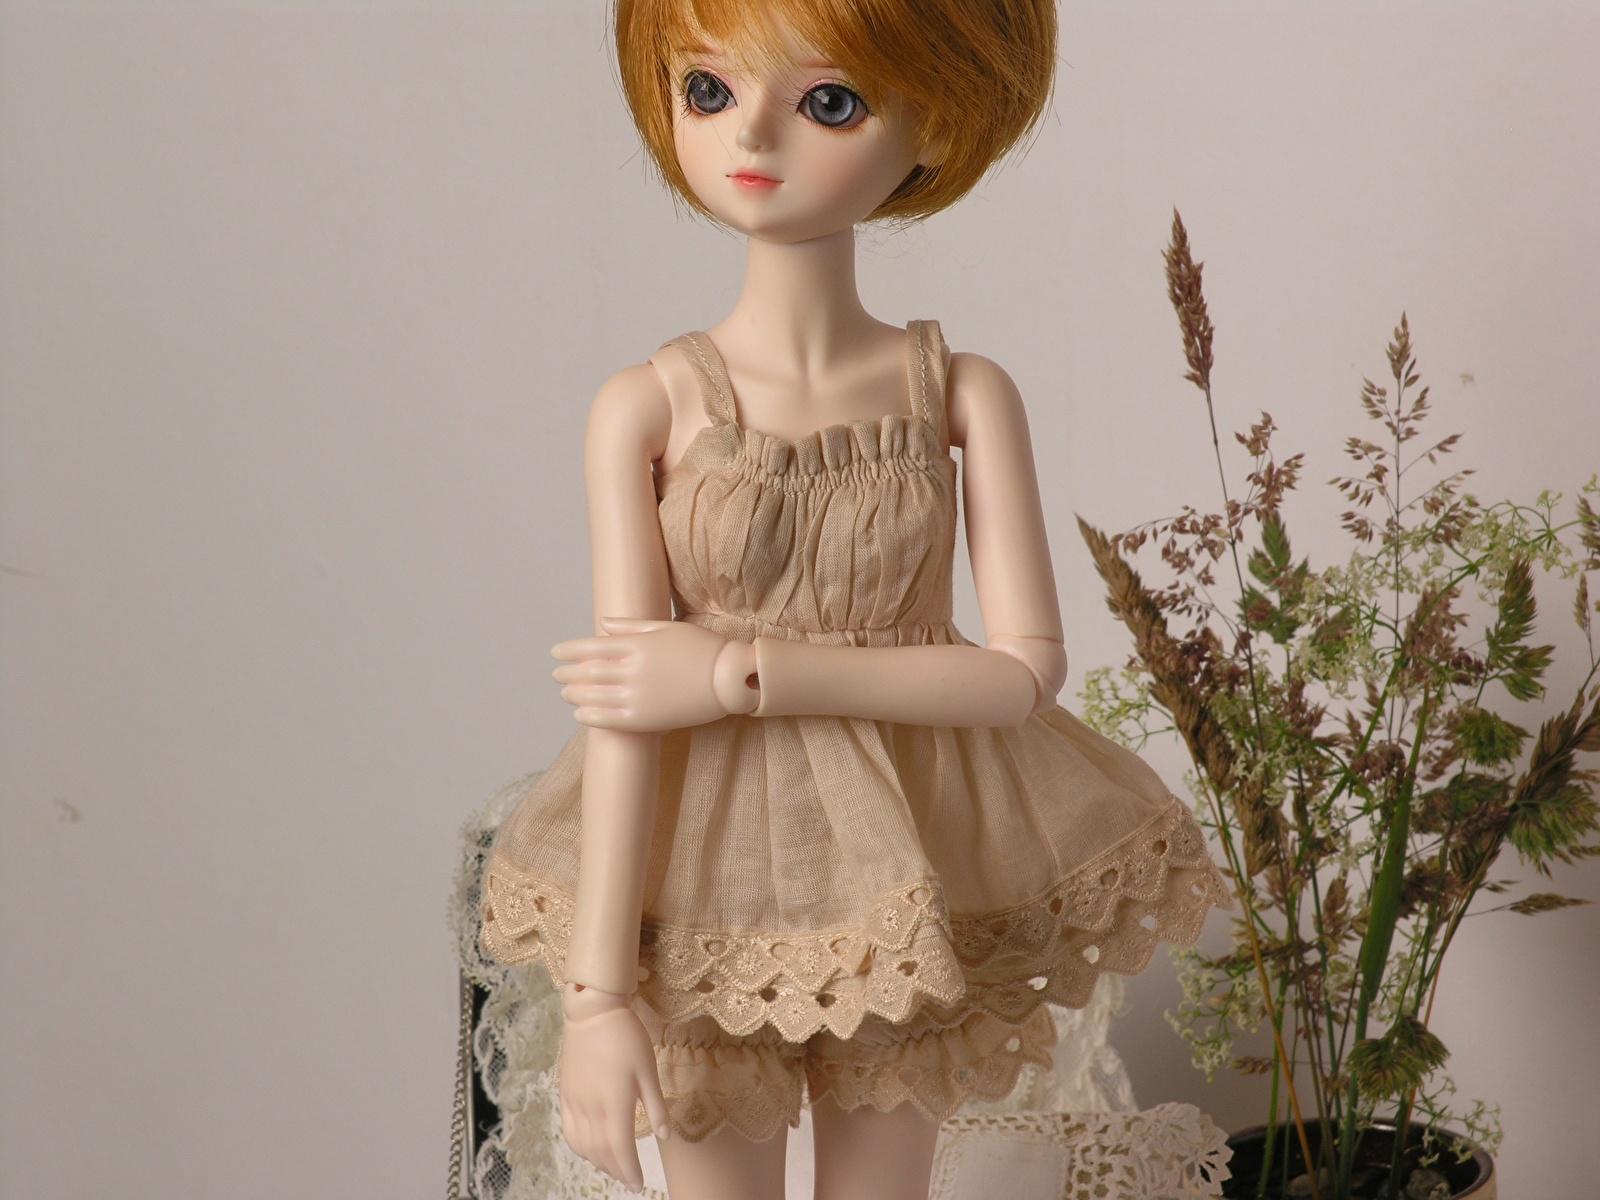 Кукла означает, что сновидец чувствует себя в роли ребенка, или он испытывает потребность в комфорте.